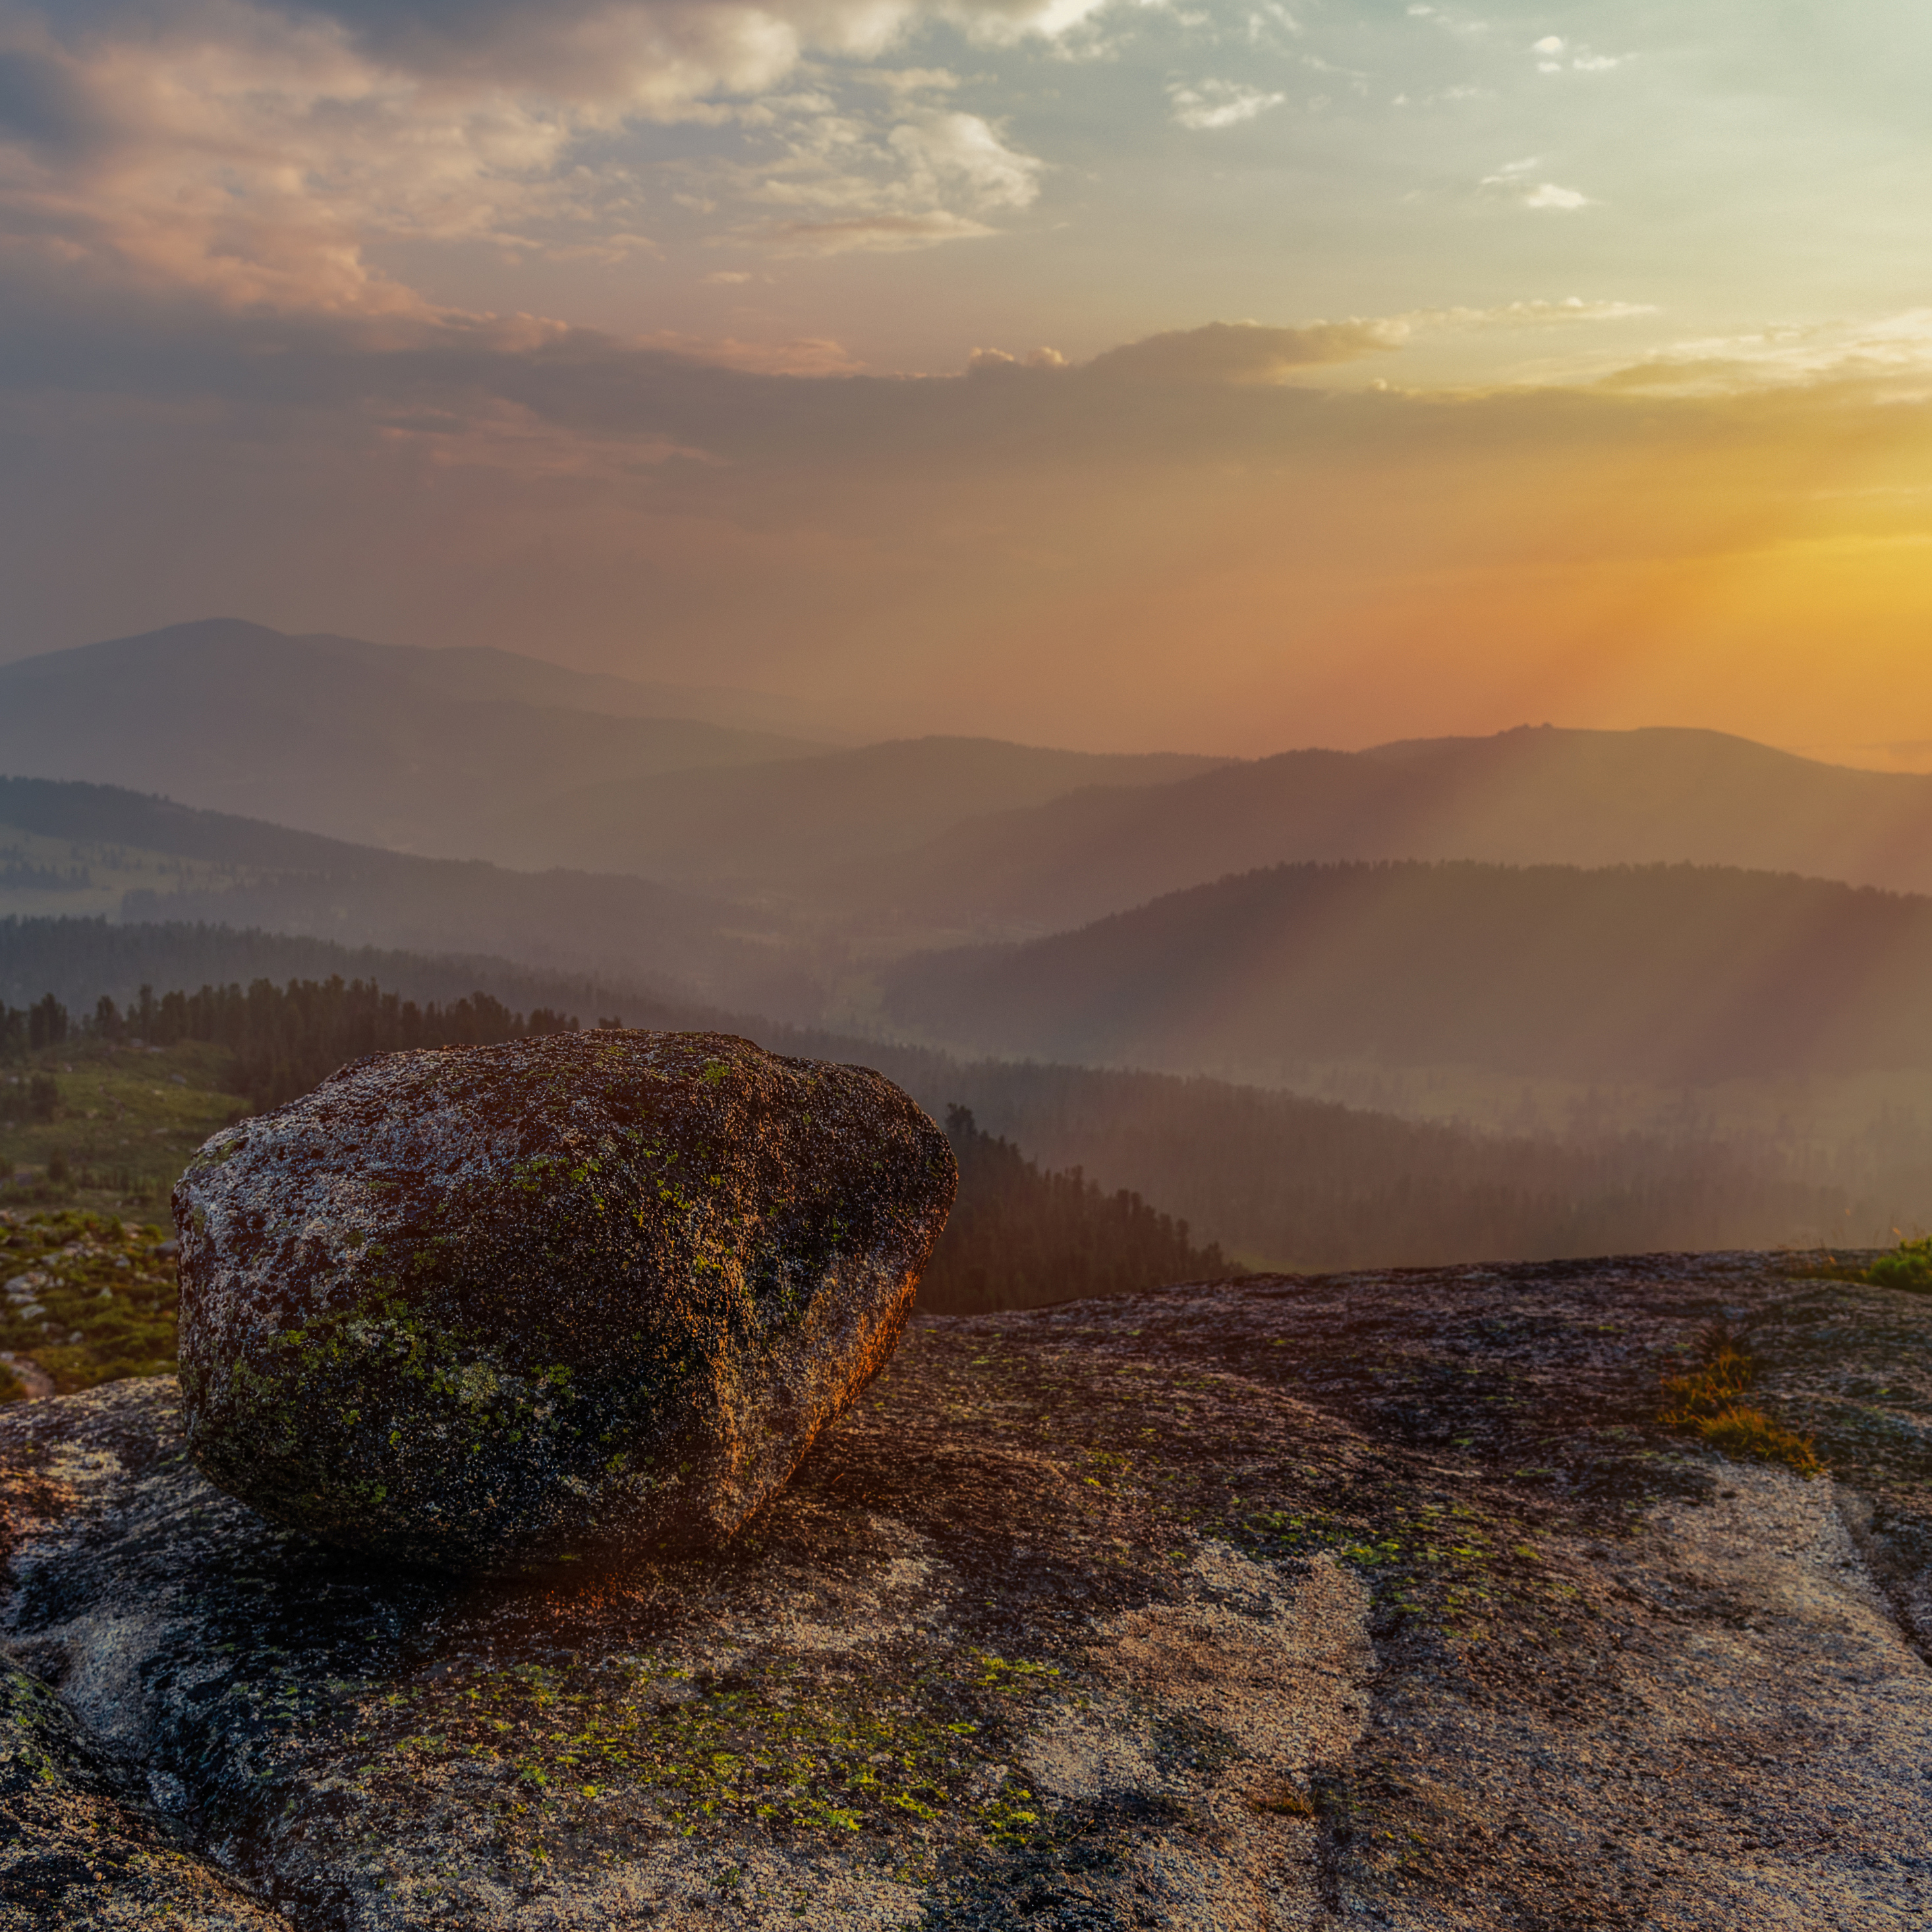 rock-landscape-mountain-sunset-sky-5k-kc.jpg